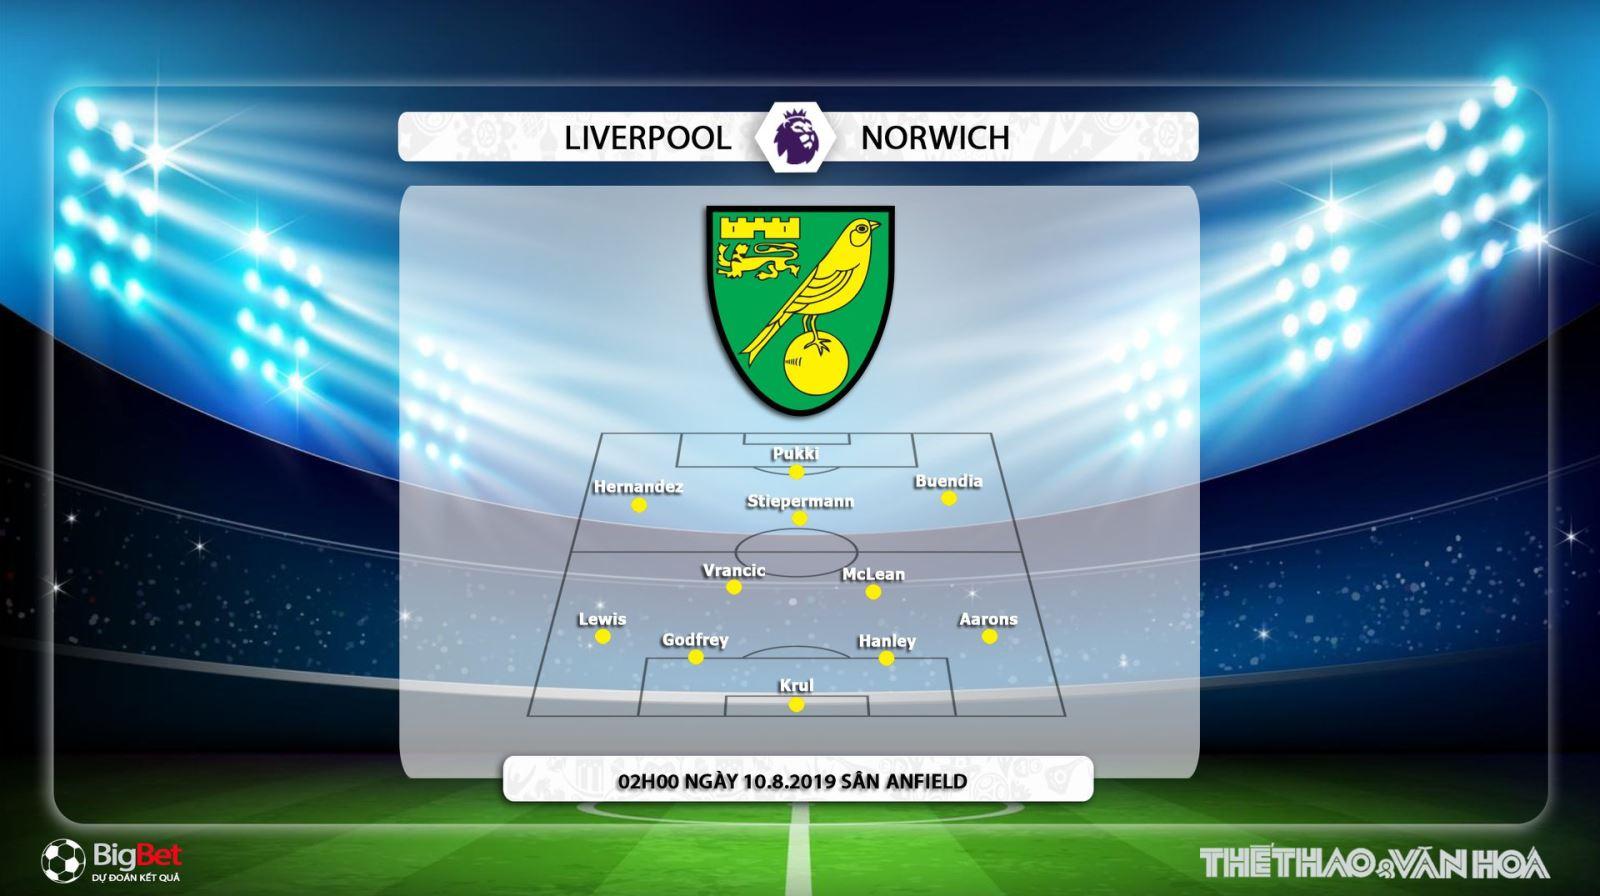 Liverpool vs Norwich, Liverpool, Norwich, trực tiếp Liverpool vs Norwich, xem trực tiếp Liverpool vs Norwich, nhận định Liverpool vs Norwich, trực tiếp bóng đá, soi kèo Liverpool vs Norwich